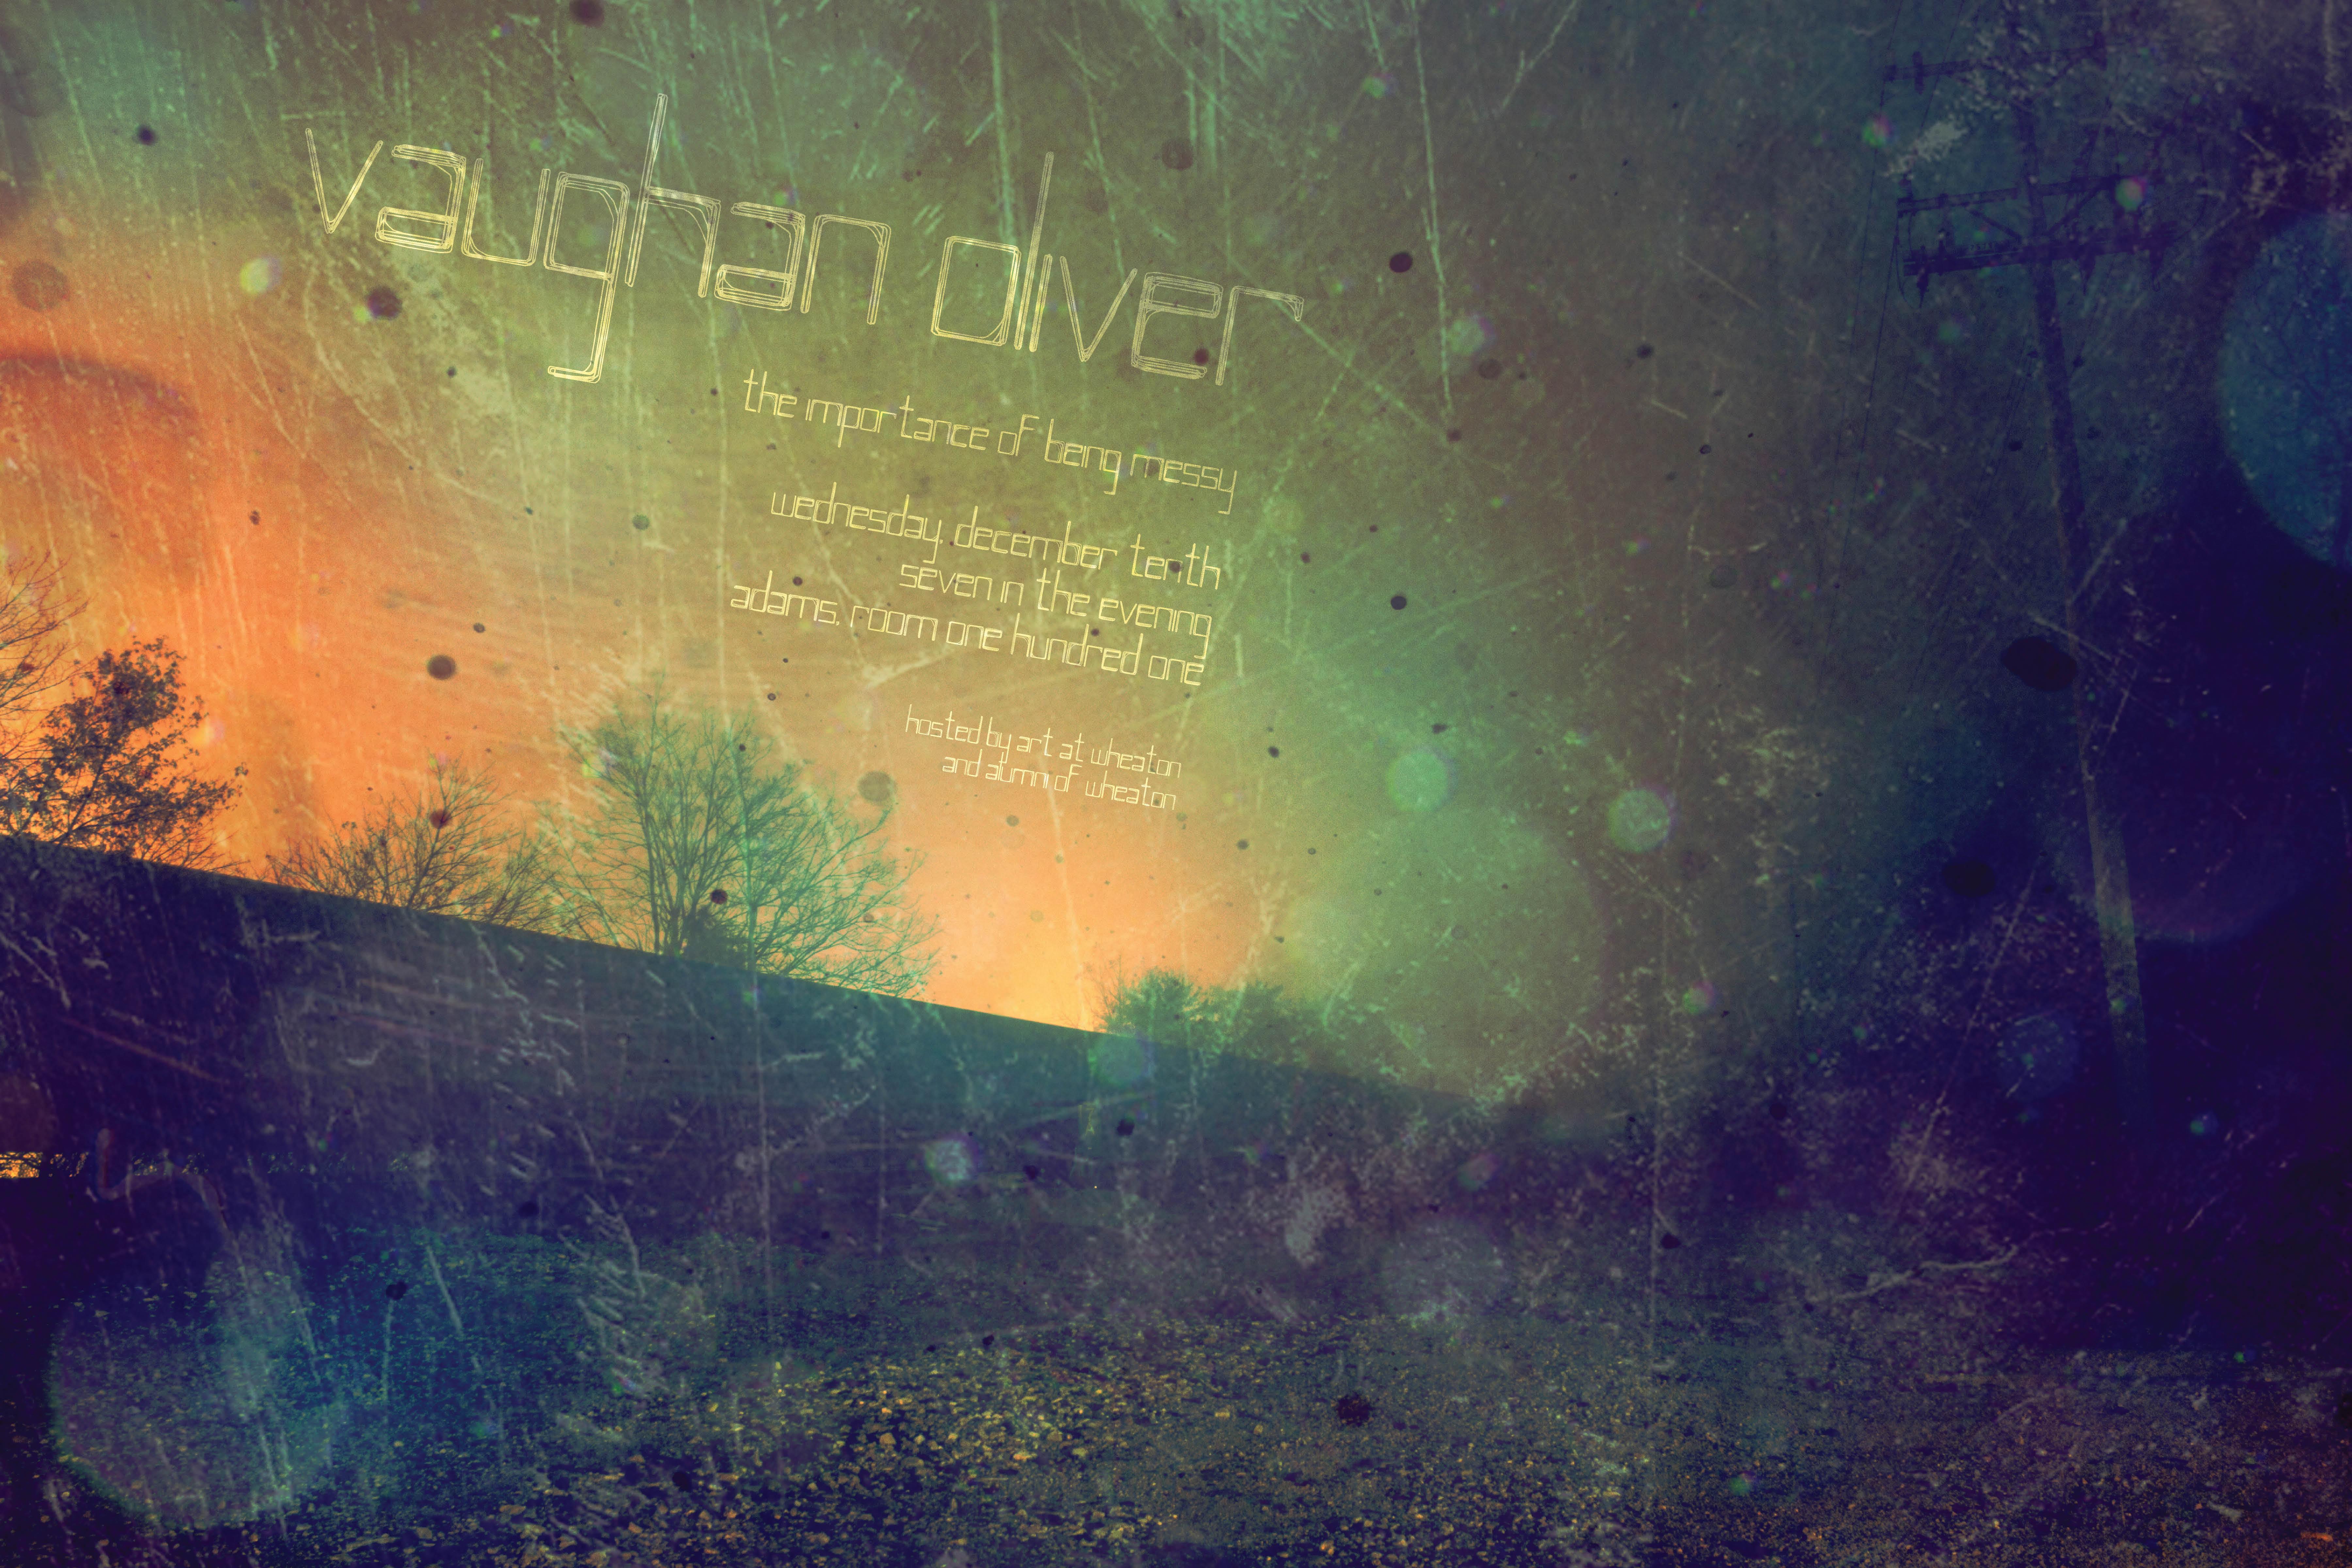 Vaughan Oliver Poster